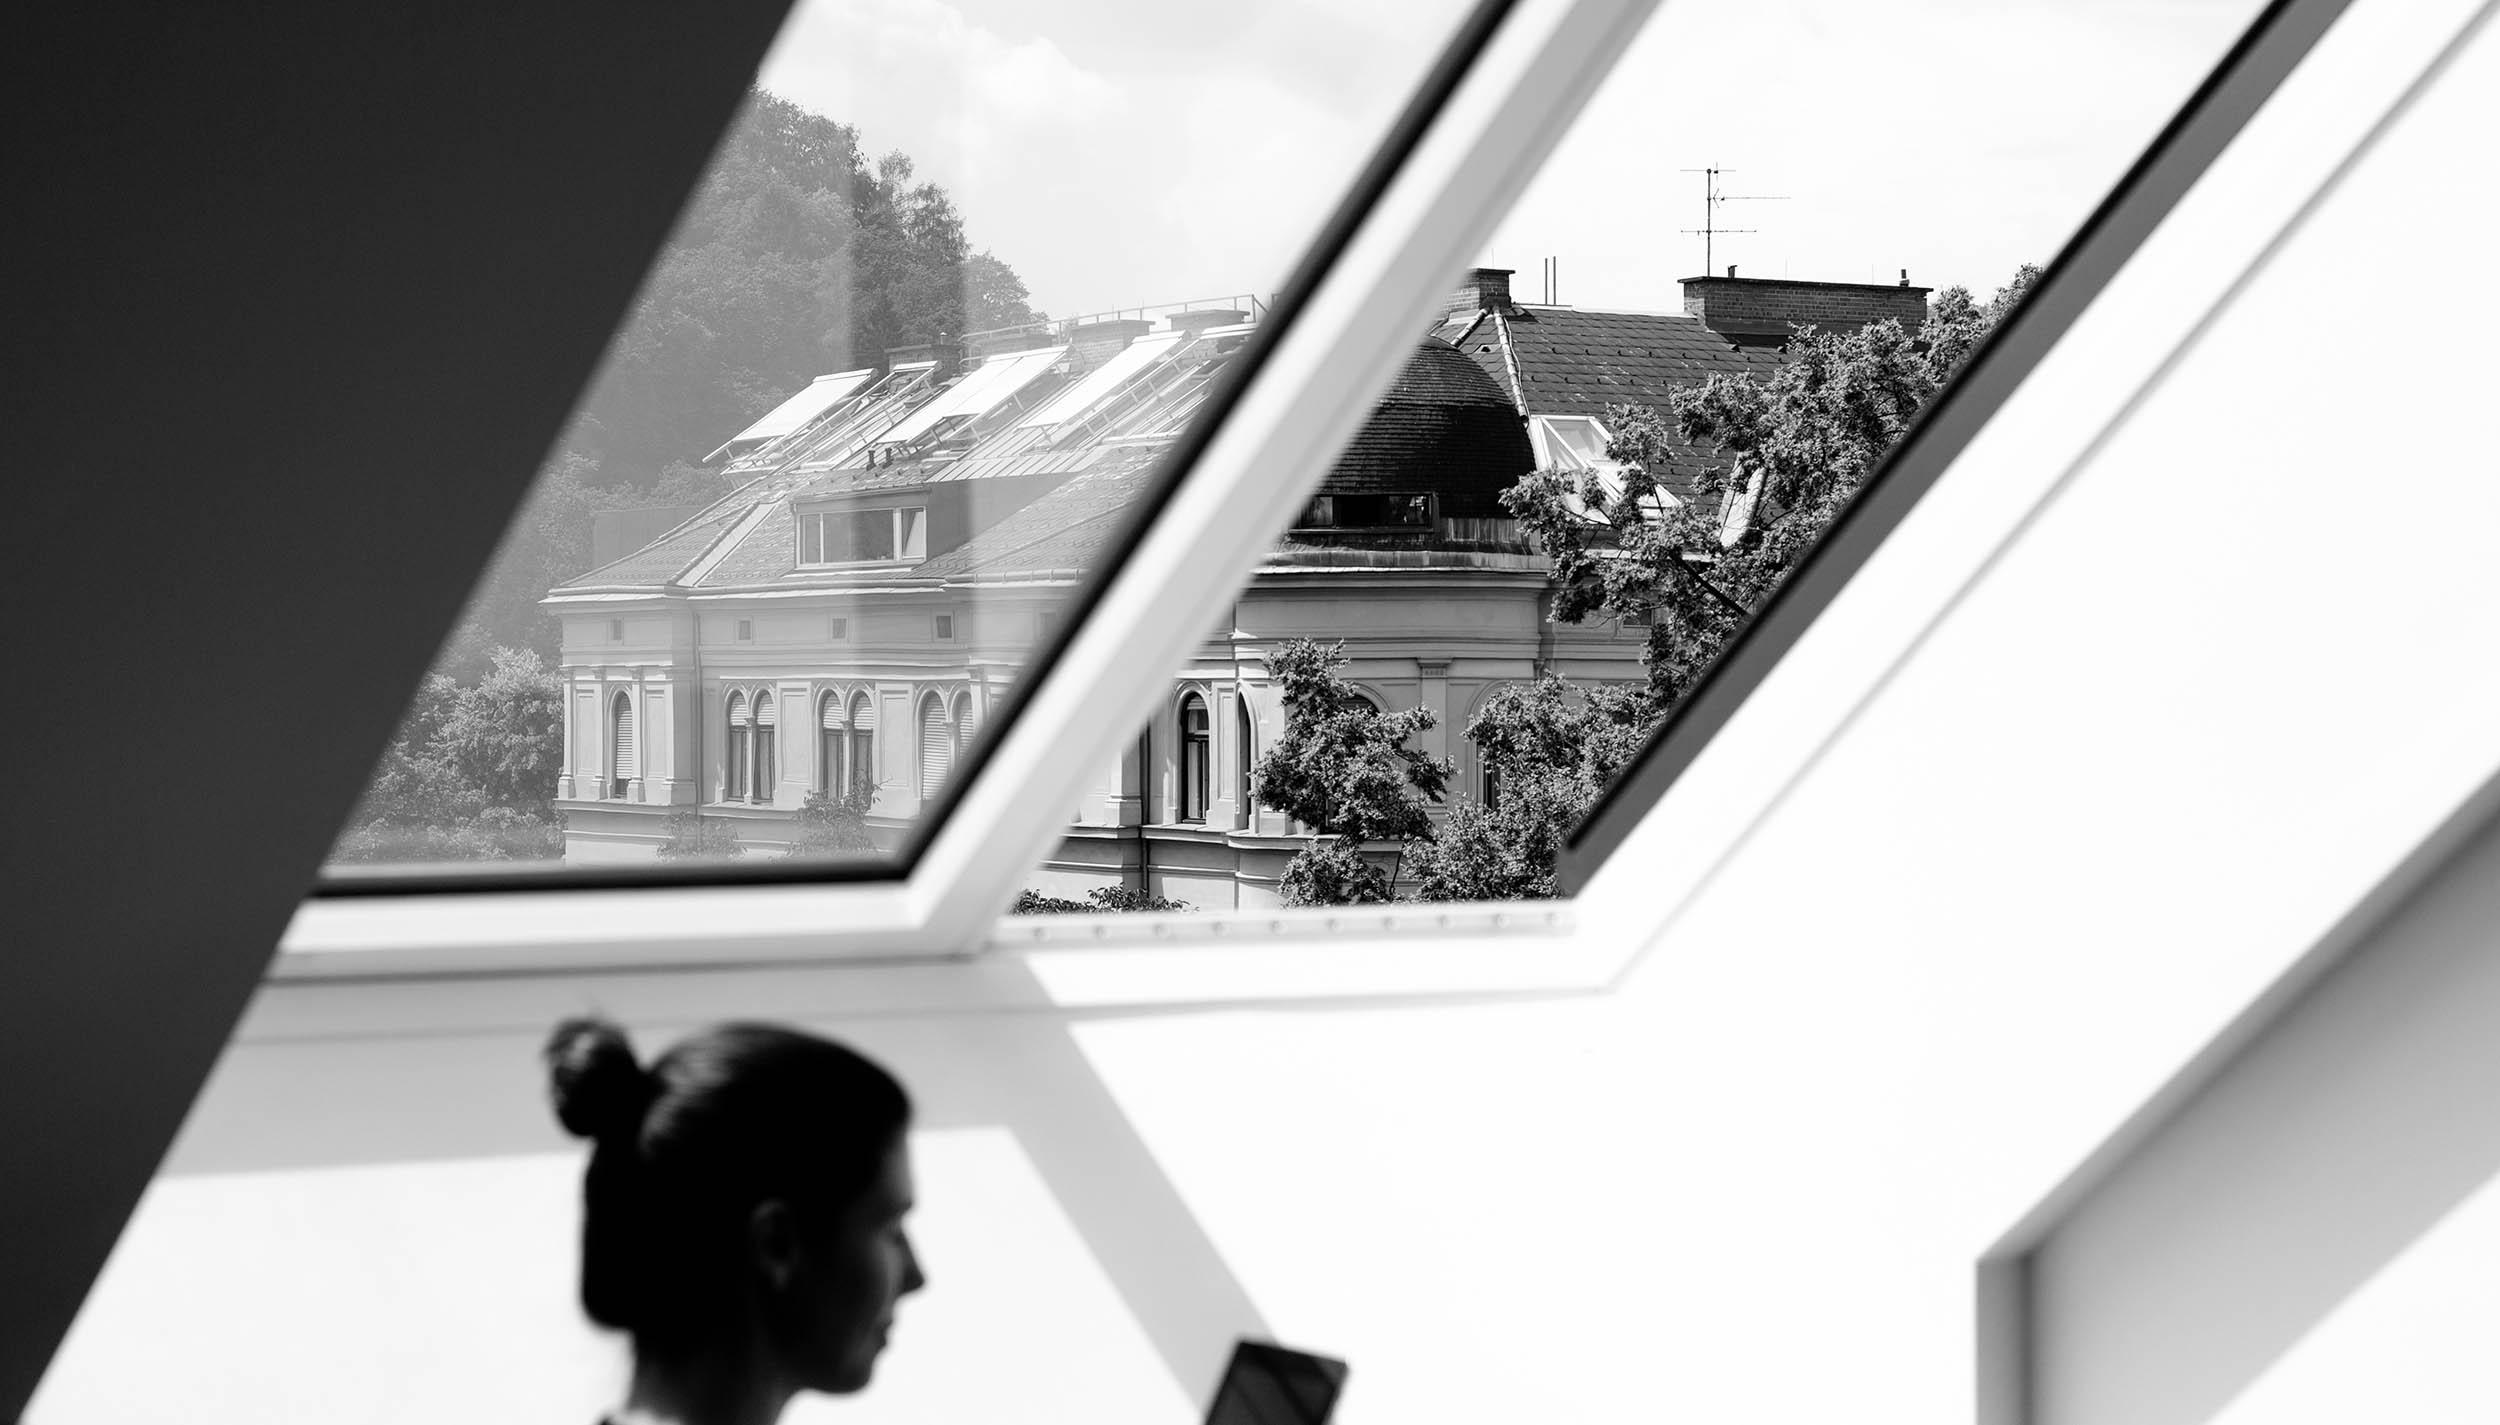 Conversory Mitarbeiterin aus dem Designteam mit Tablet vor dem Fenster